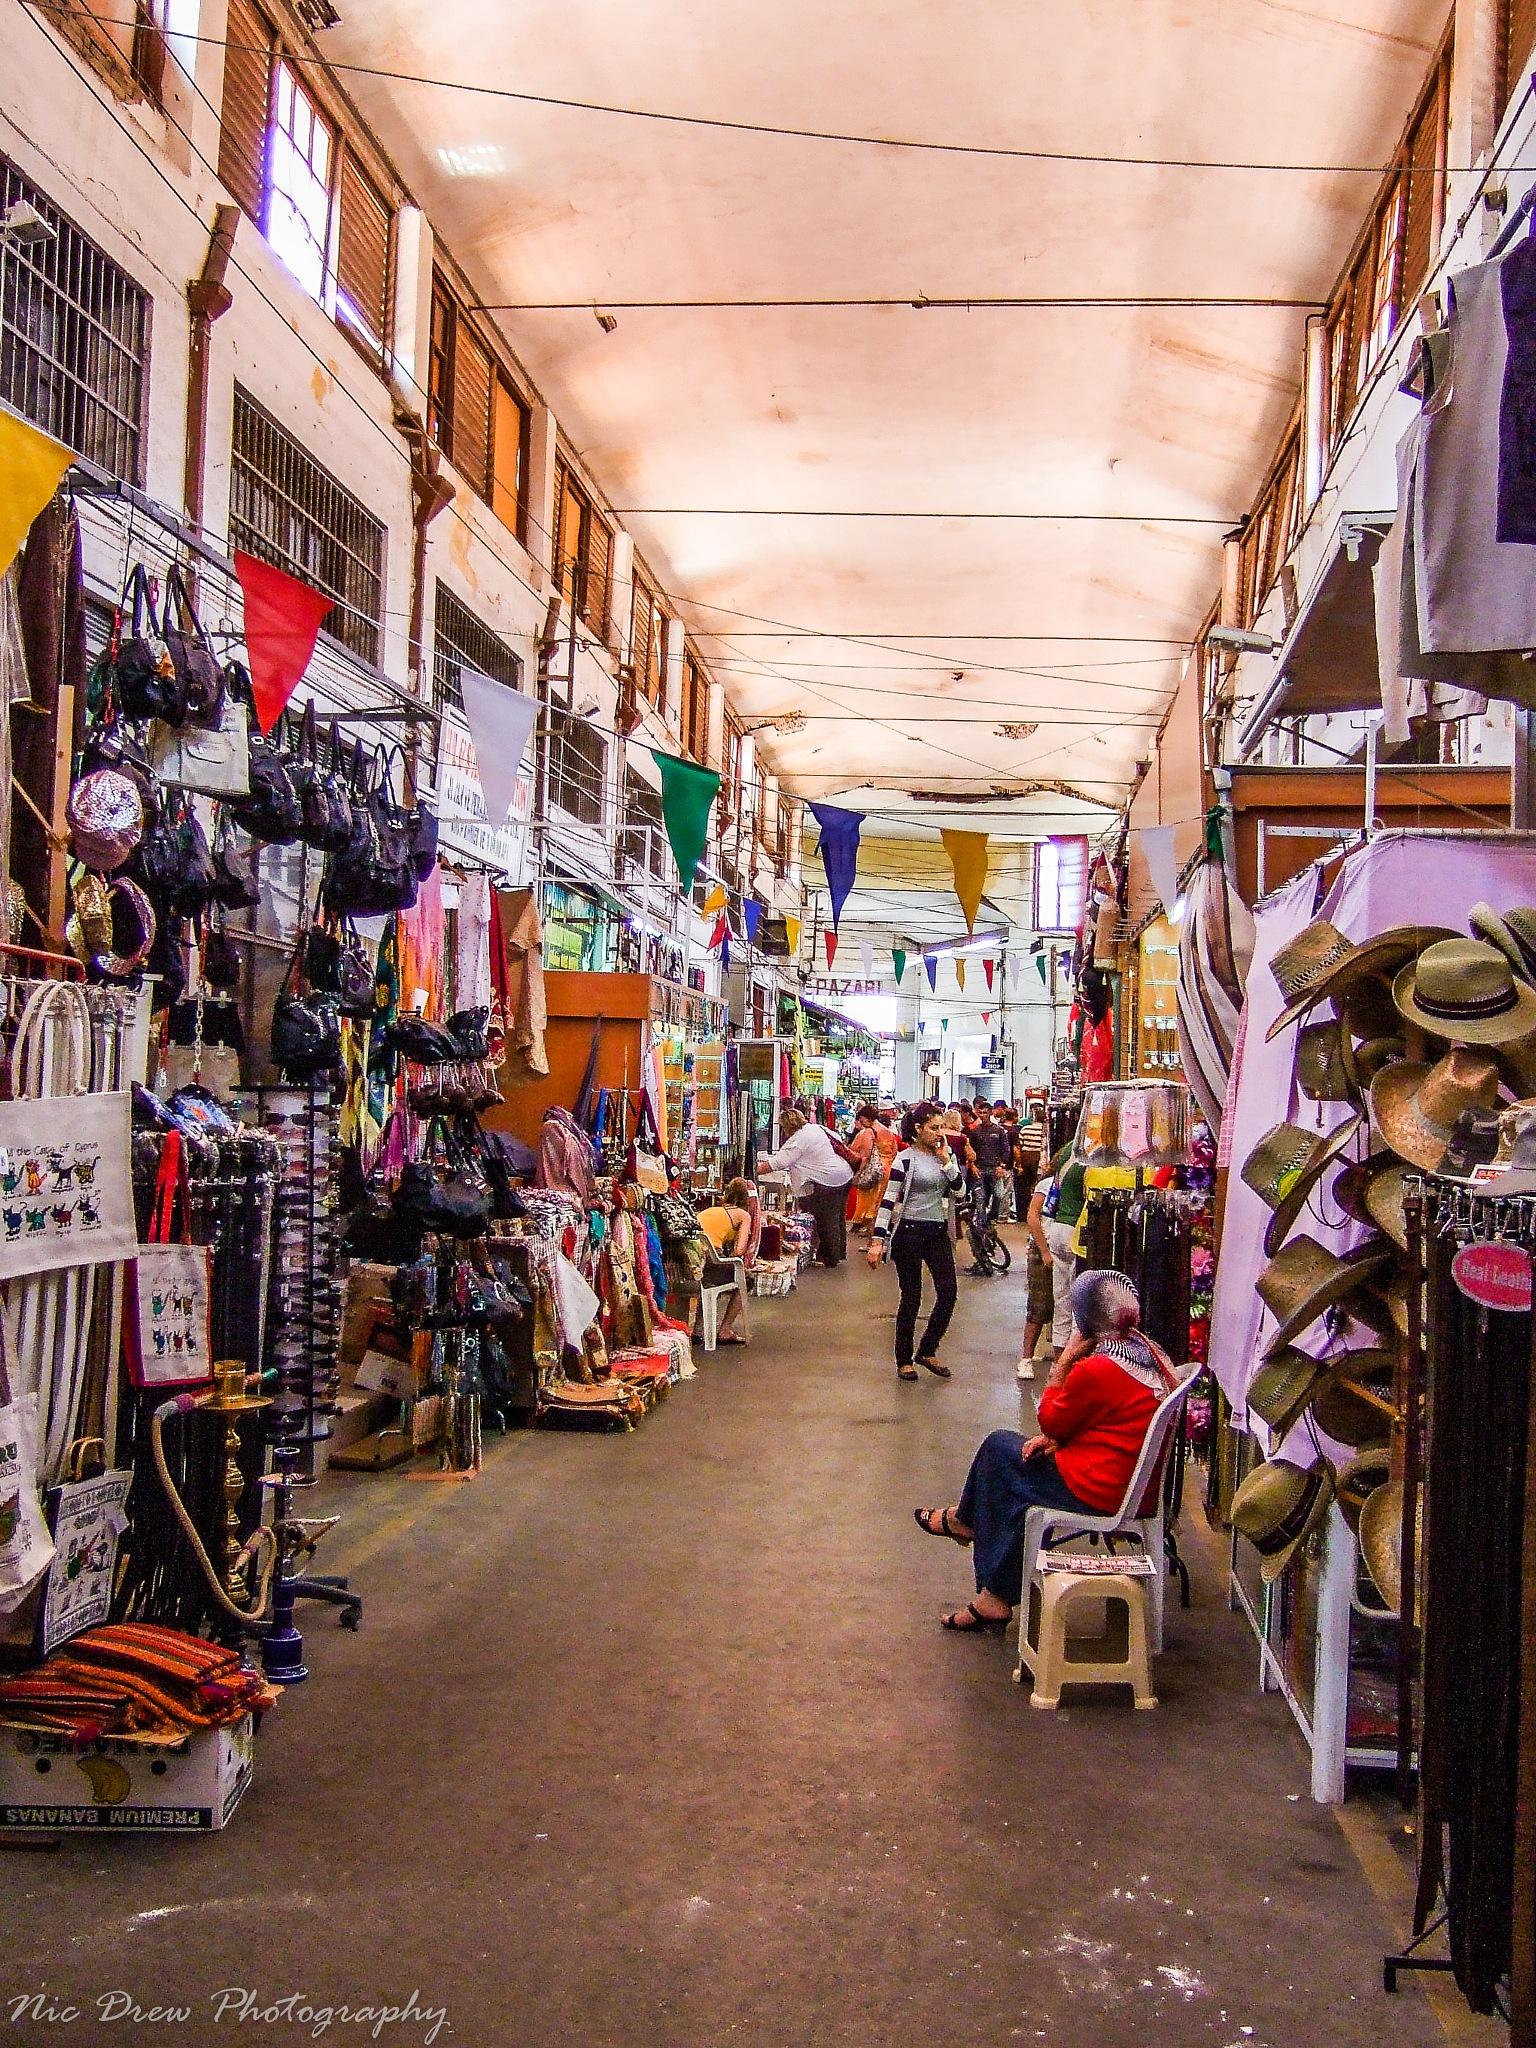 Indoor market by Nic Drew